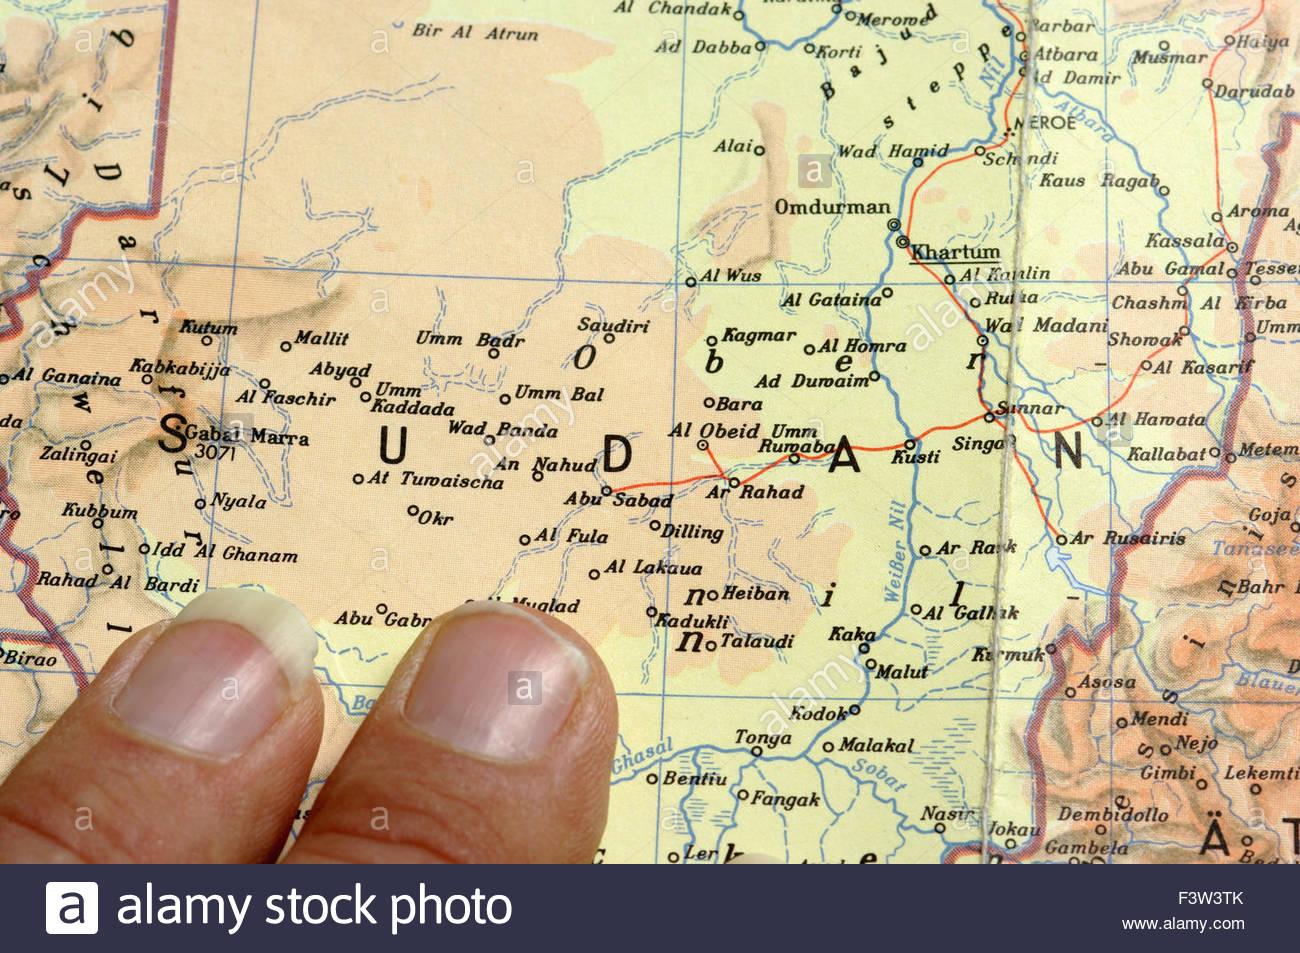 Map Of Africa Sudan Kagmar Okr Nyala UmmBal AlFashir Stock - Wad madani map